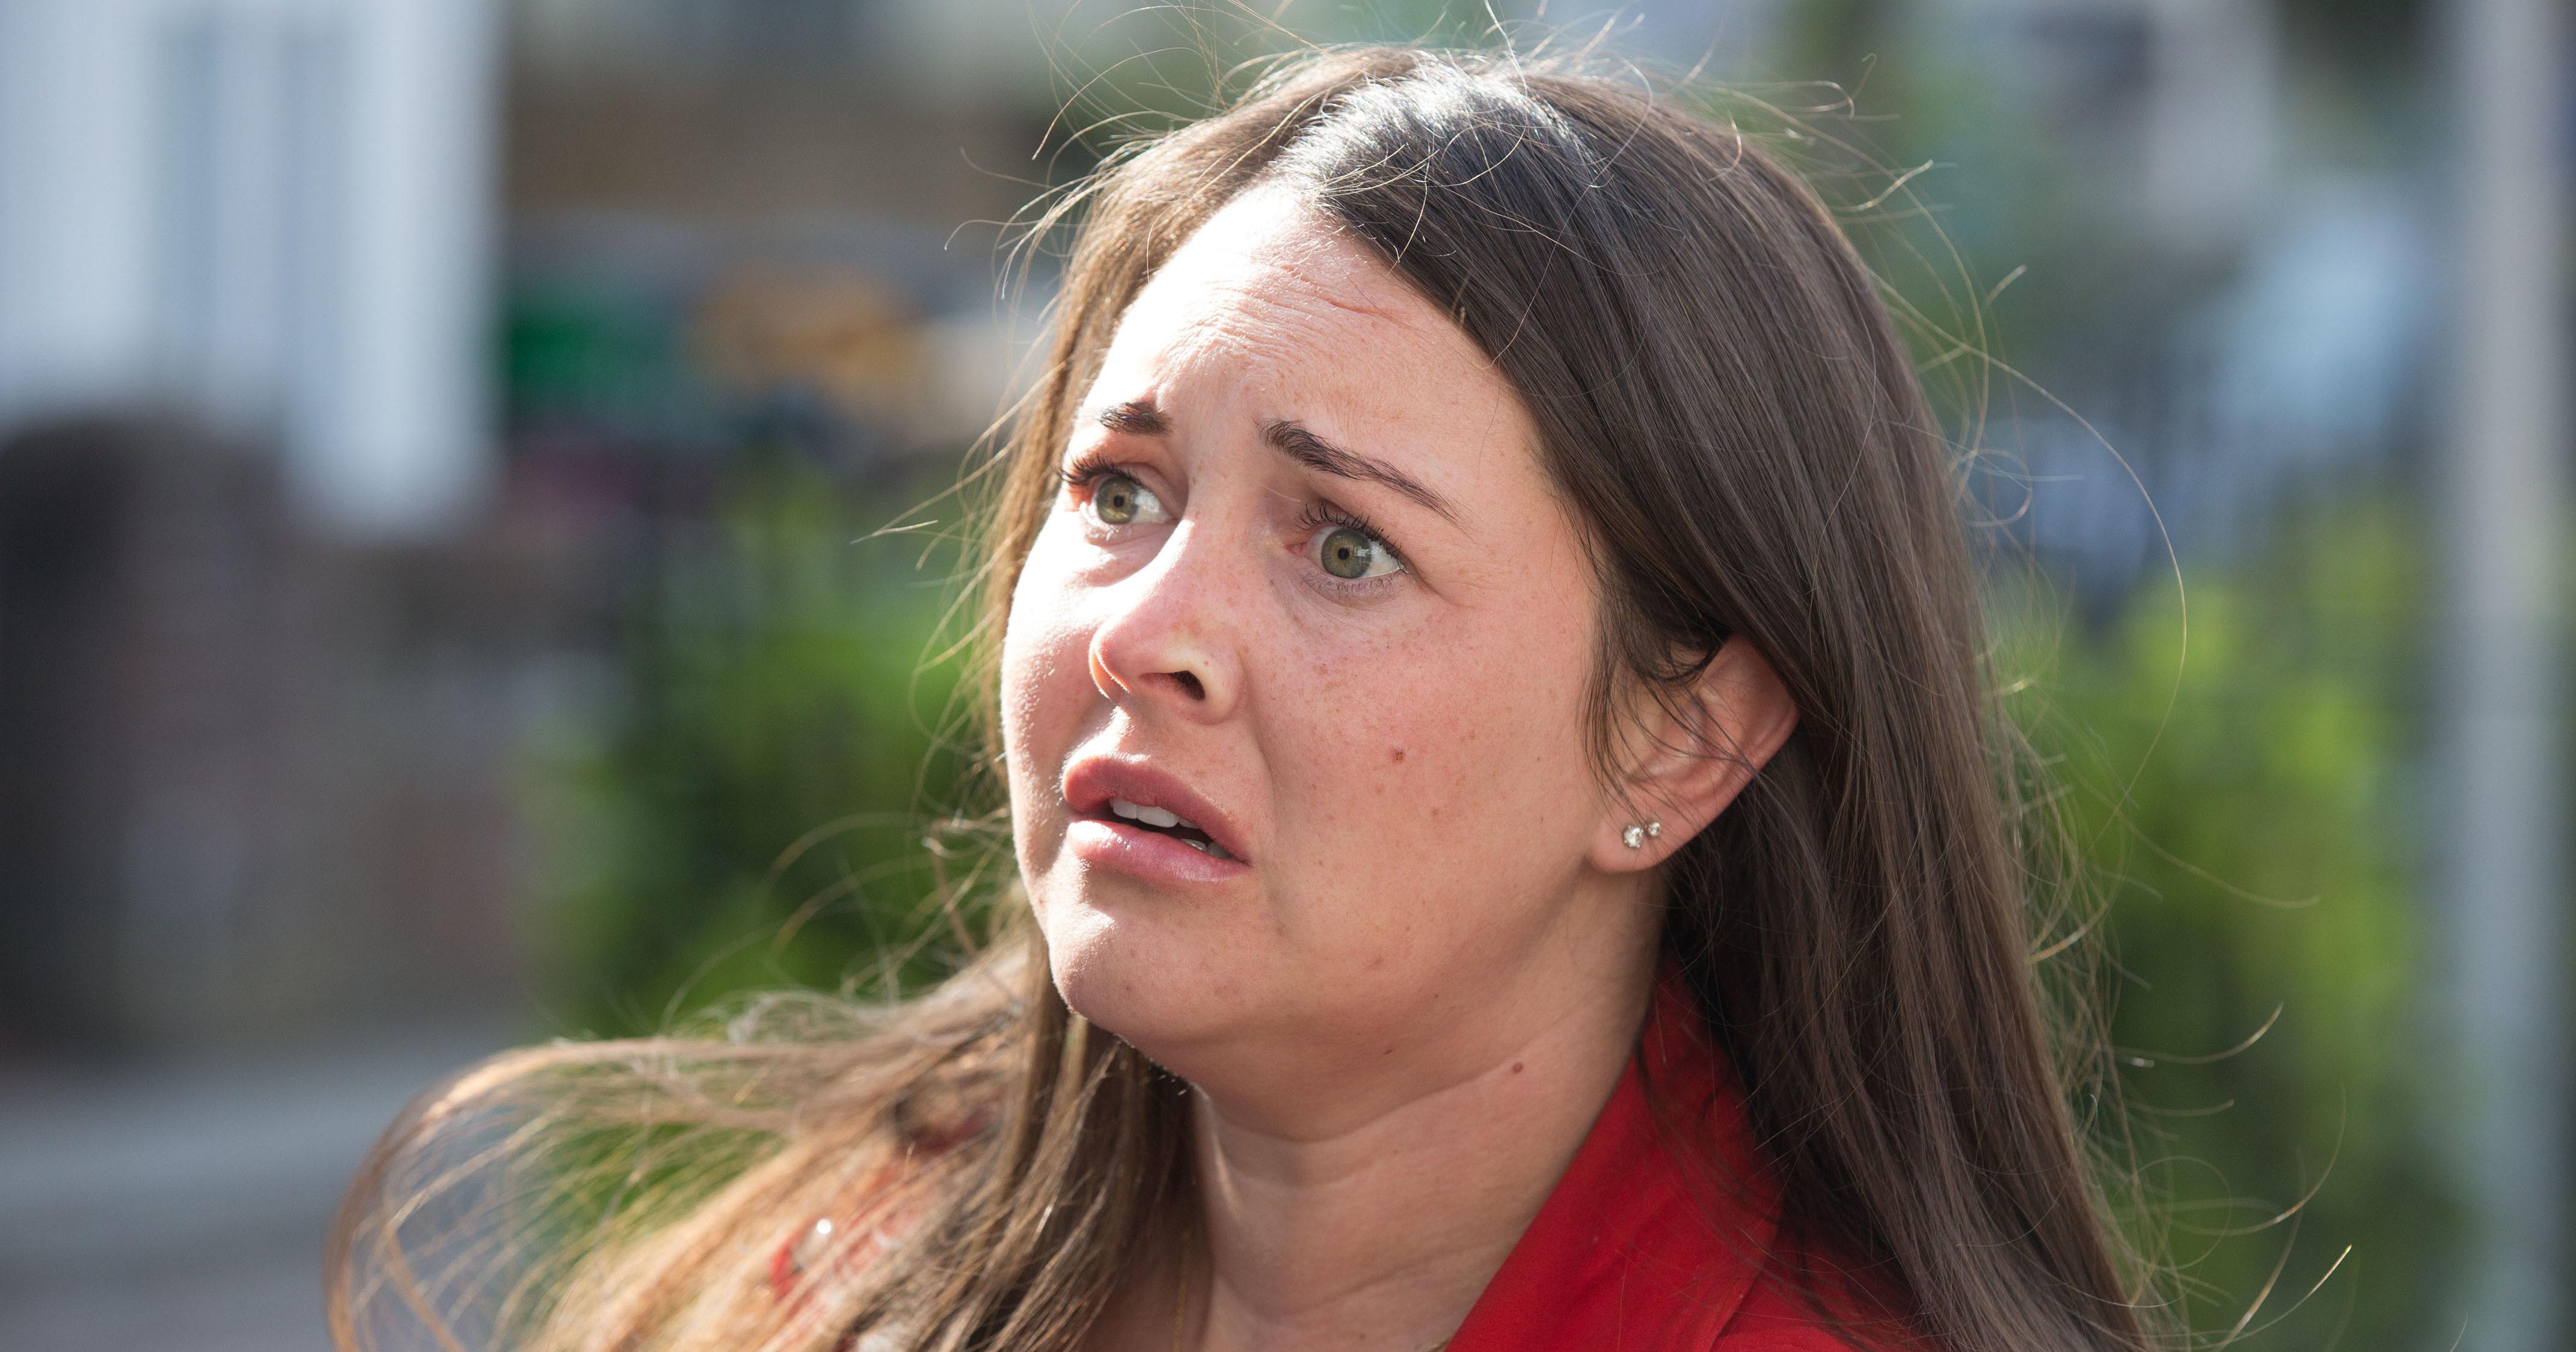 EastEnders SPOILERS: Stacey to return?